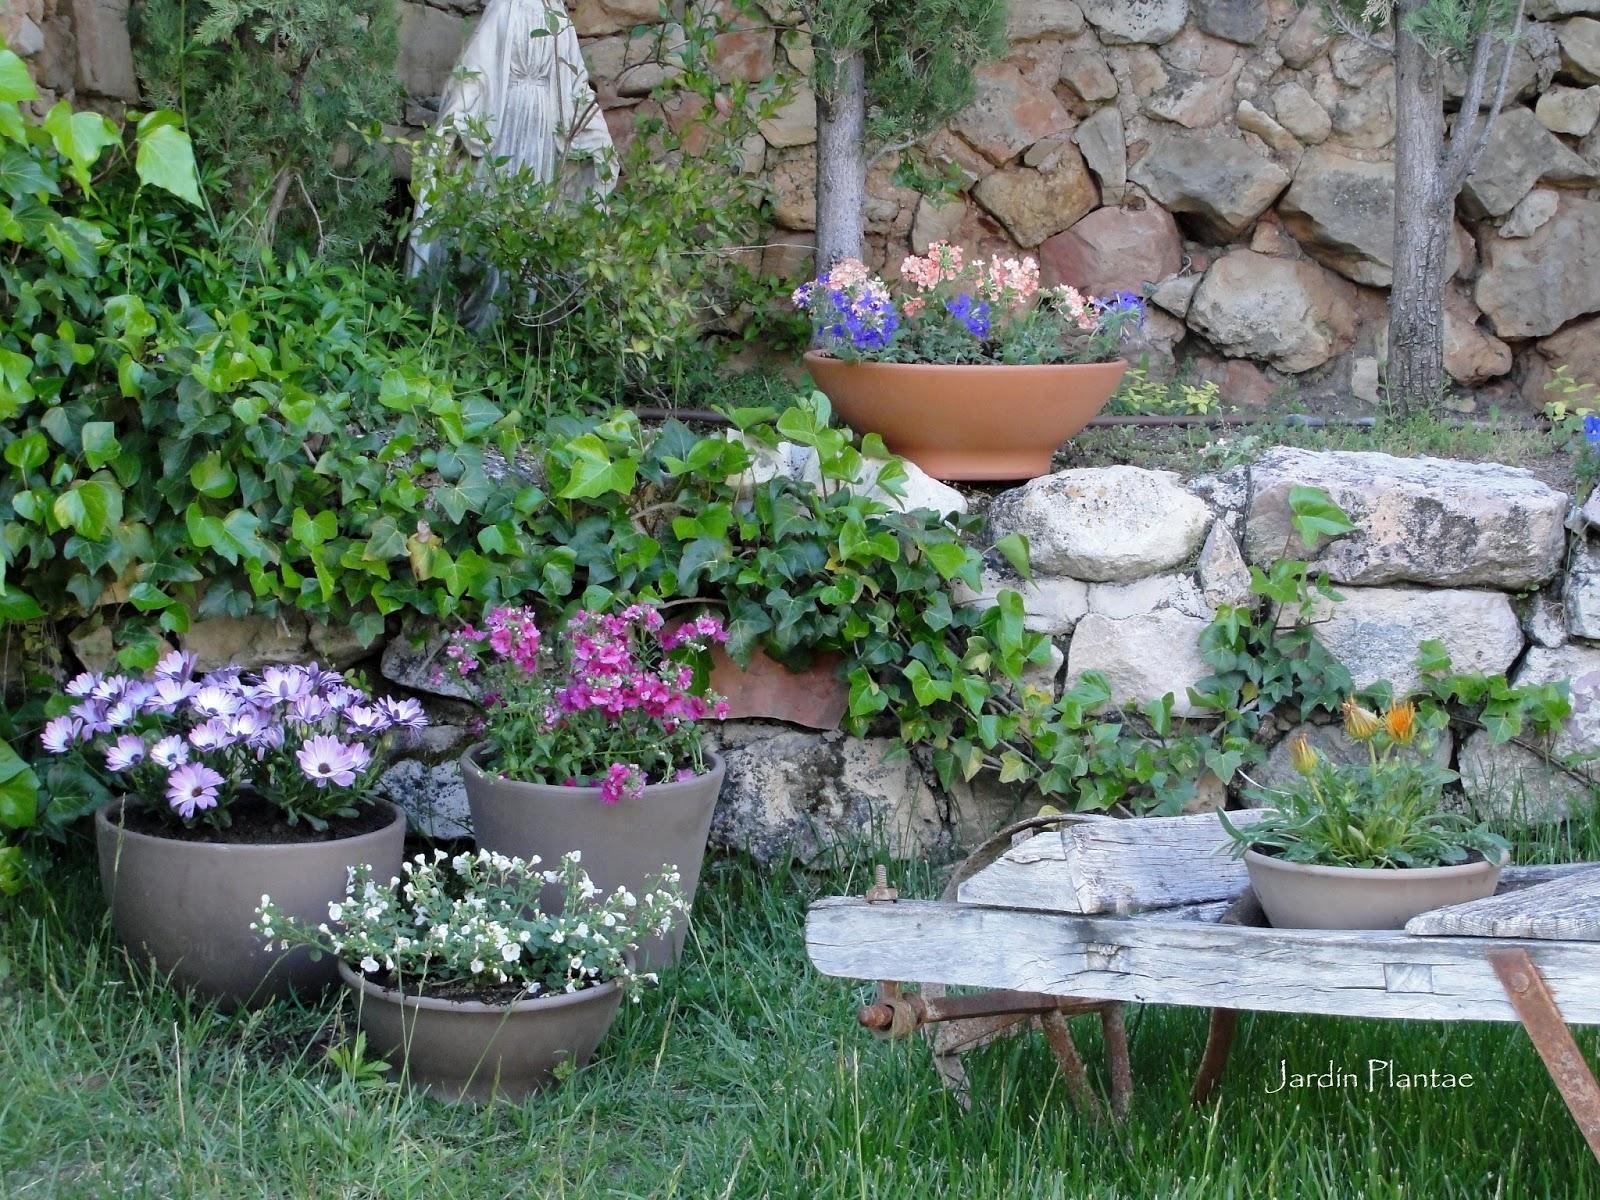 plantar flores en macetas es una buena solucin para patios y jardines pequeos donde no hay mucho espacio para hacerlo en el suelo